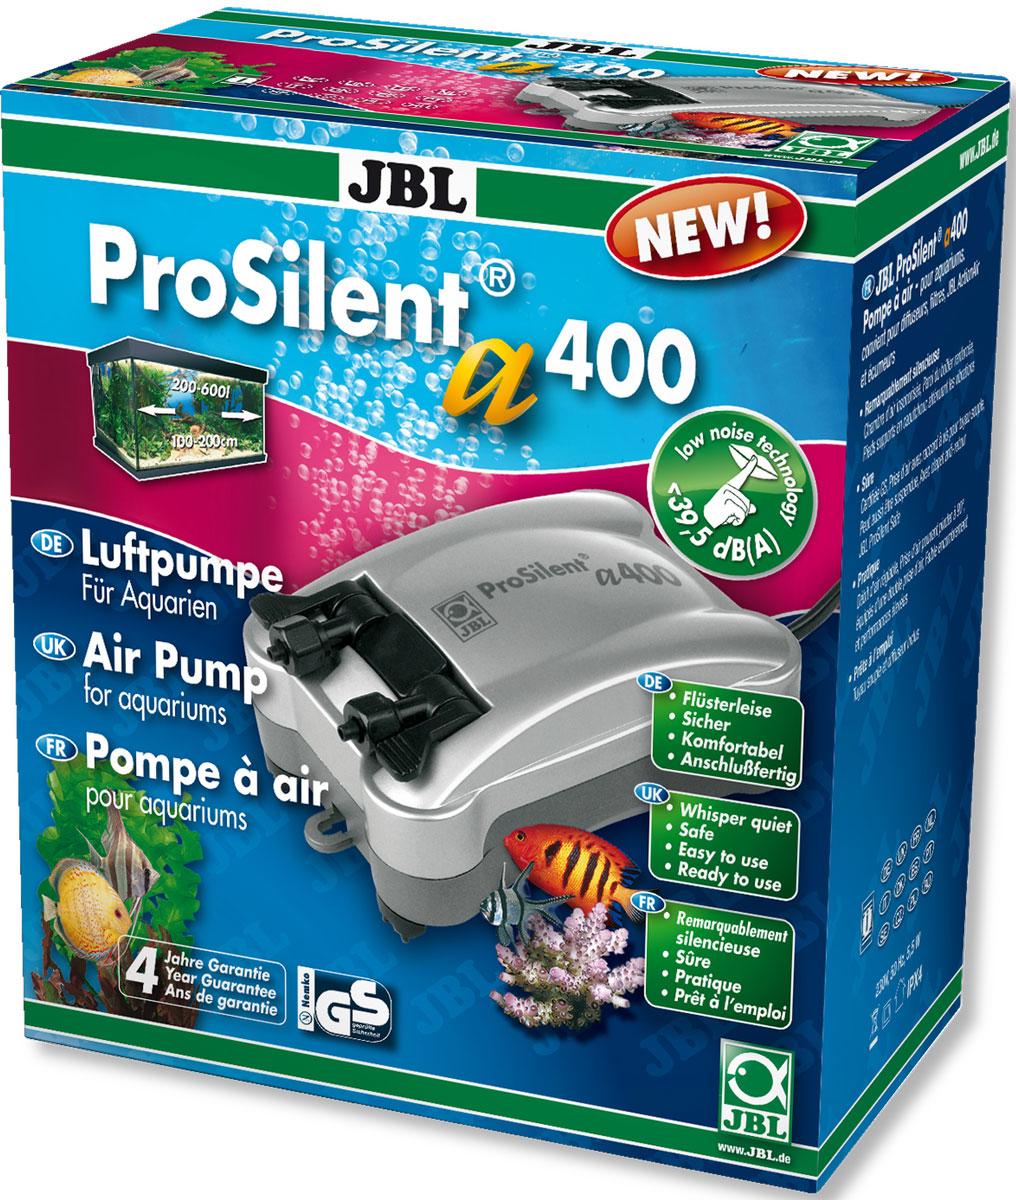 Компрессор двухканальный JBL ProSilent, для аквариума 200-600 л, 400 л/ч